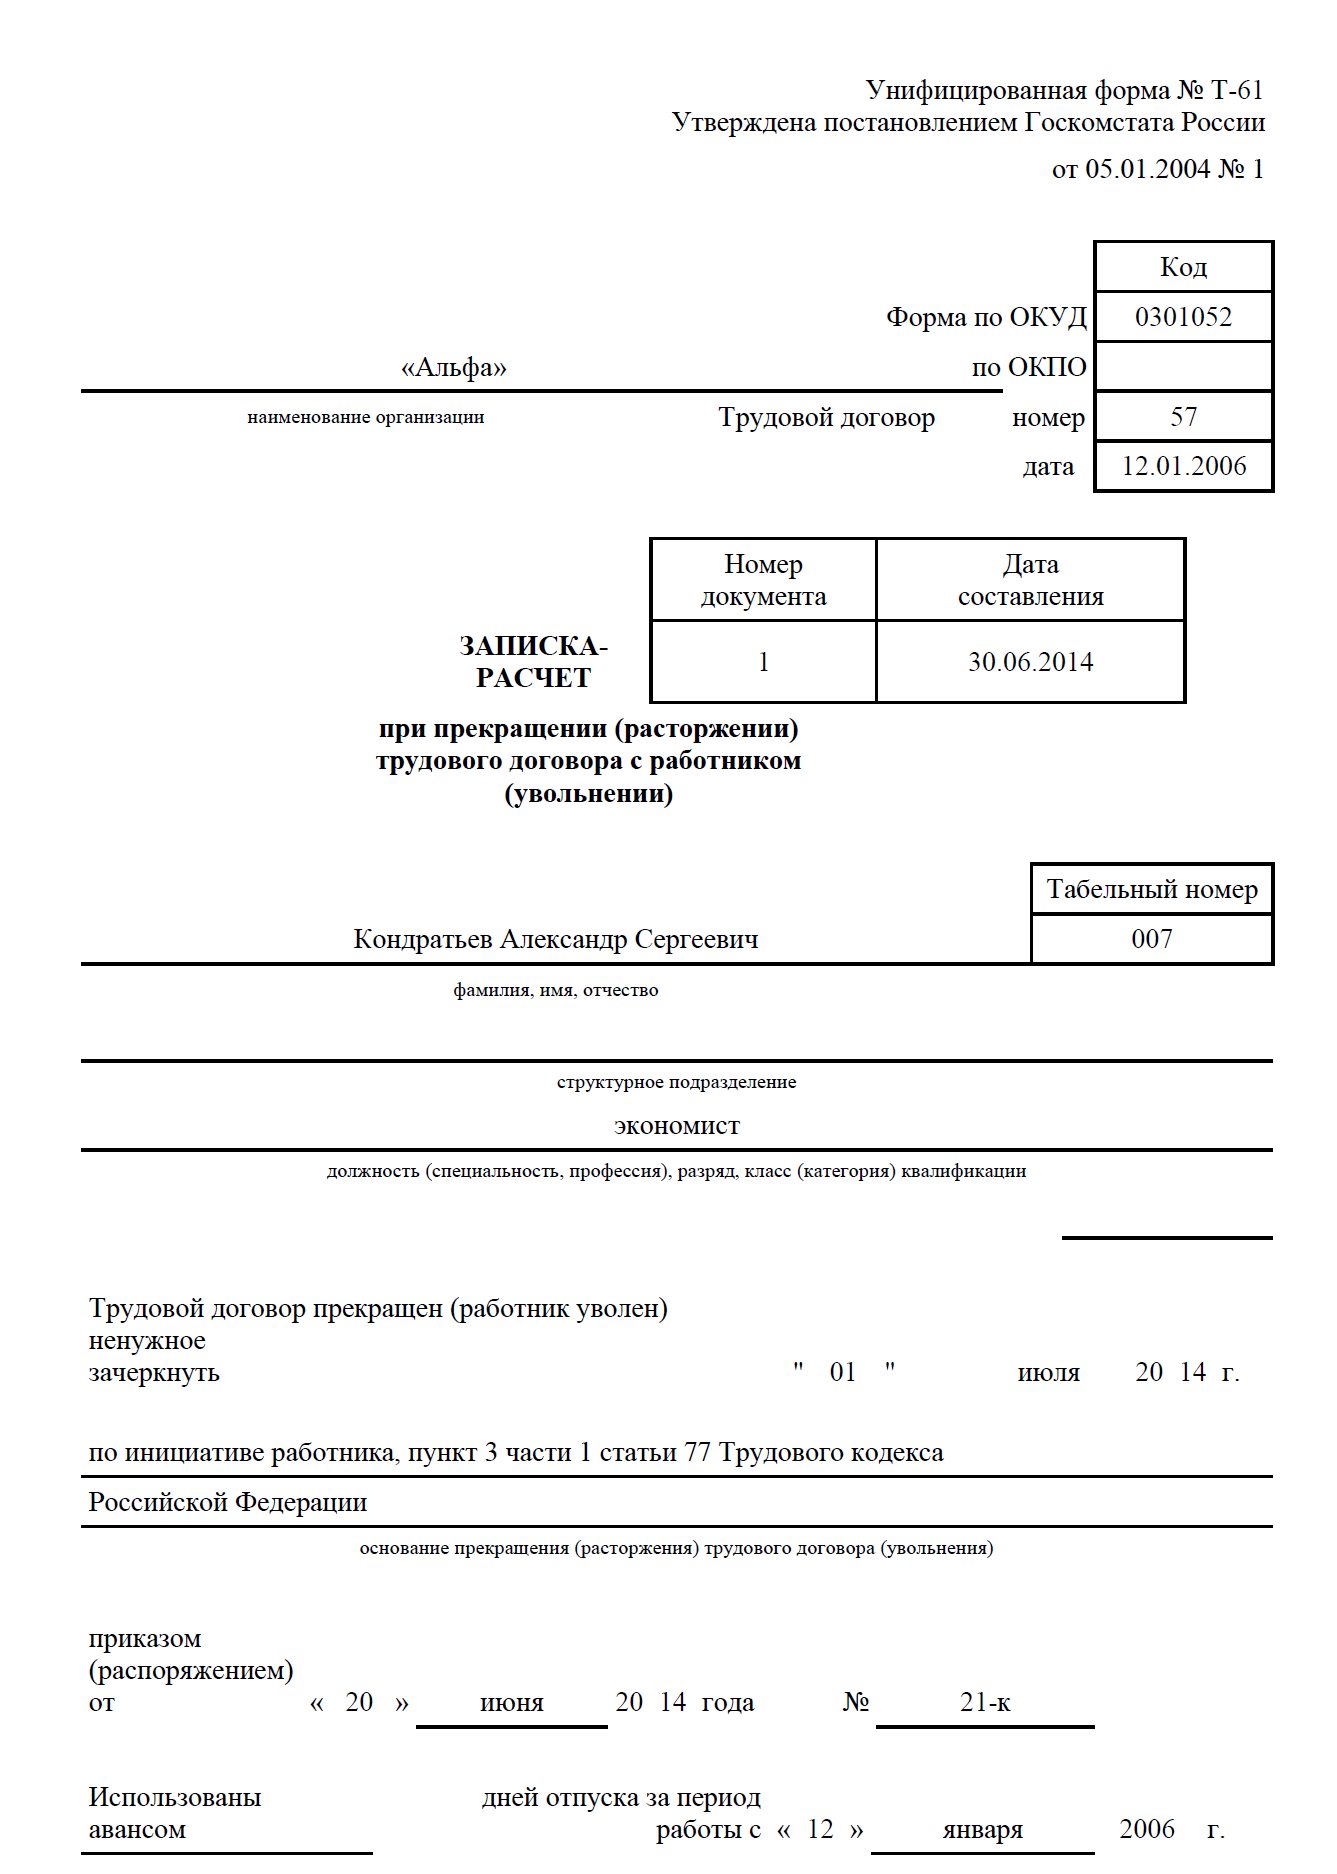 Завантажити приклад заповнення записки-розрахунку (форма Т-61) при виплаті працівникові компенсації за невикористану відпустку, пов'язаної зі звільненням